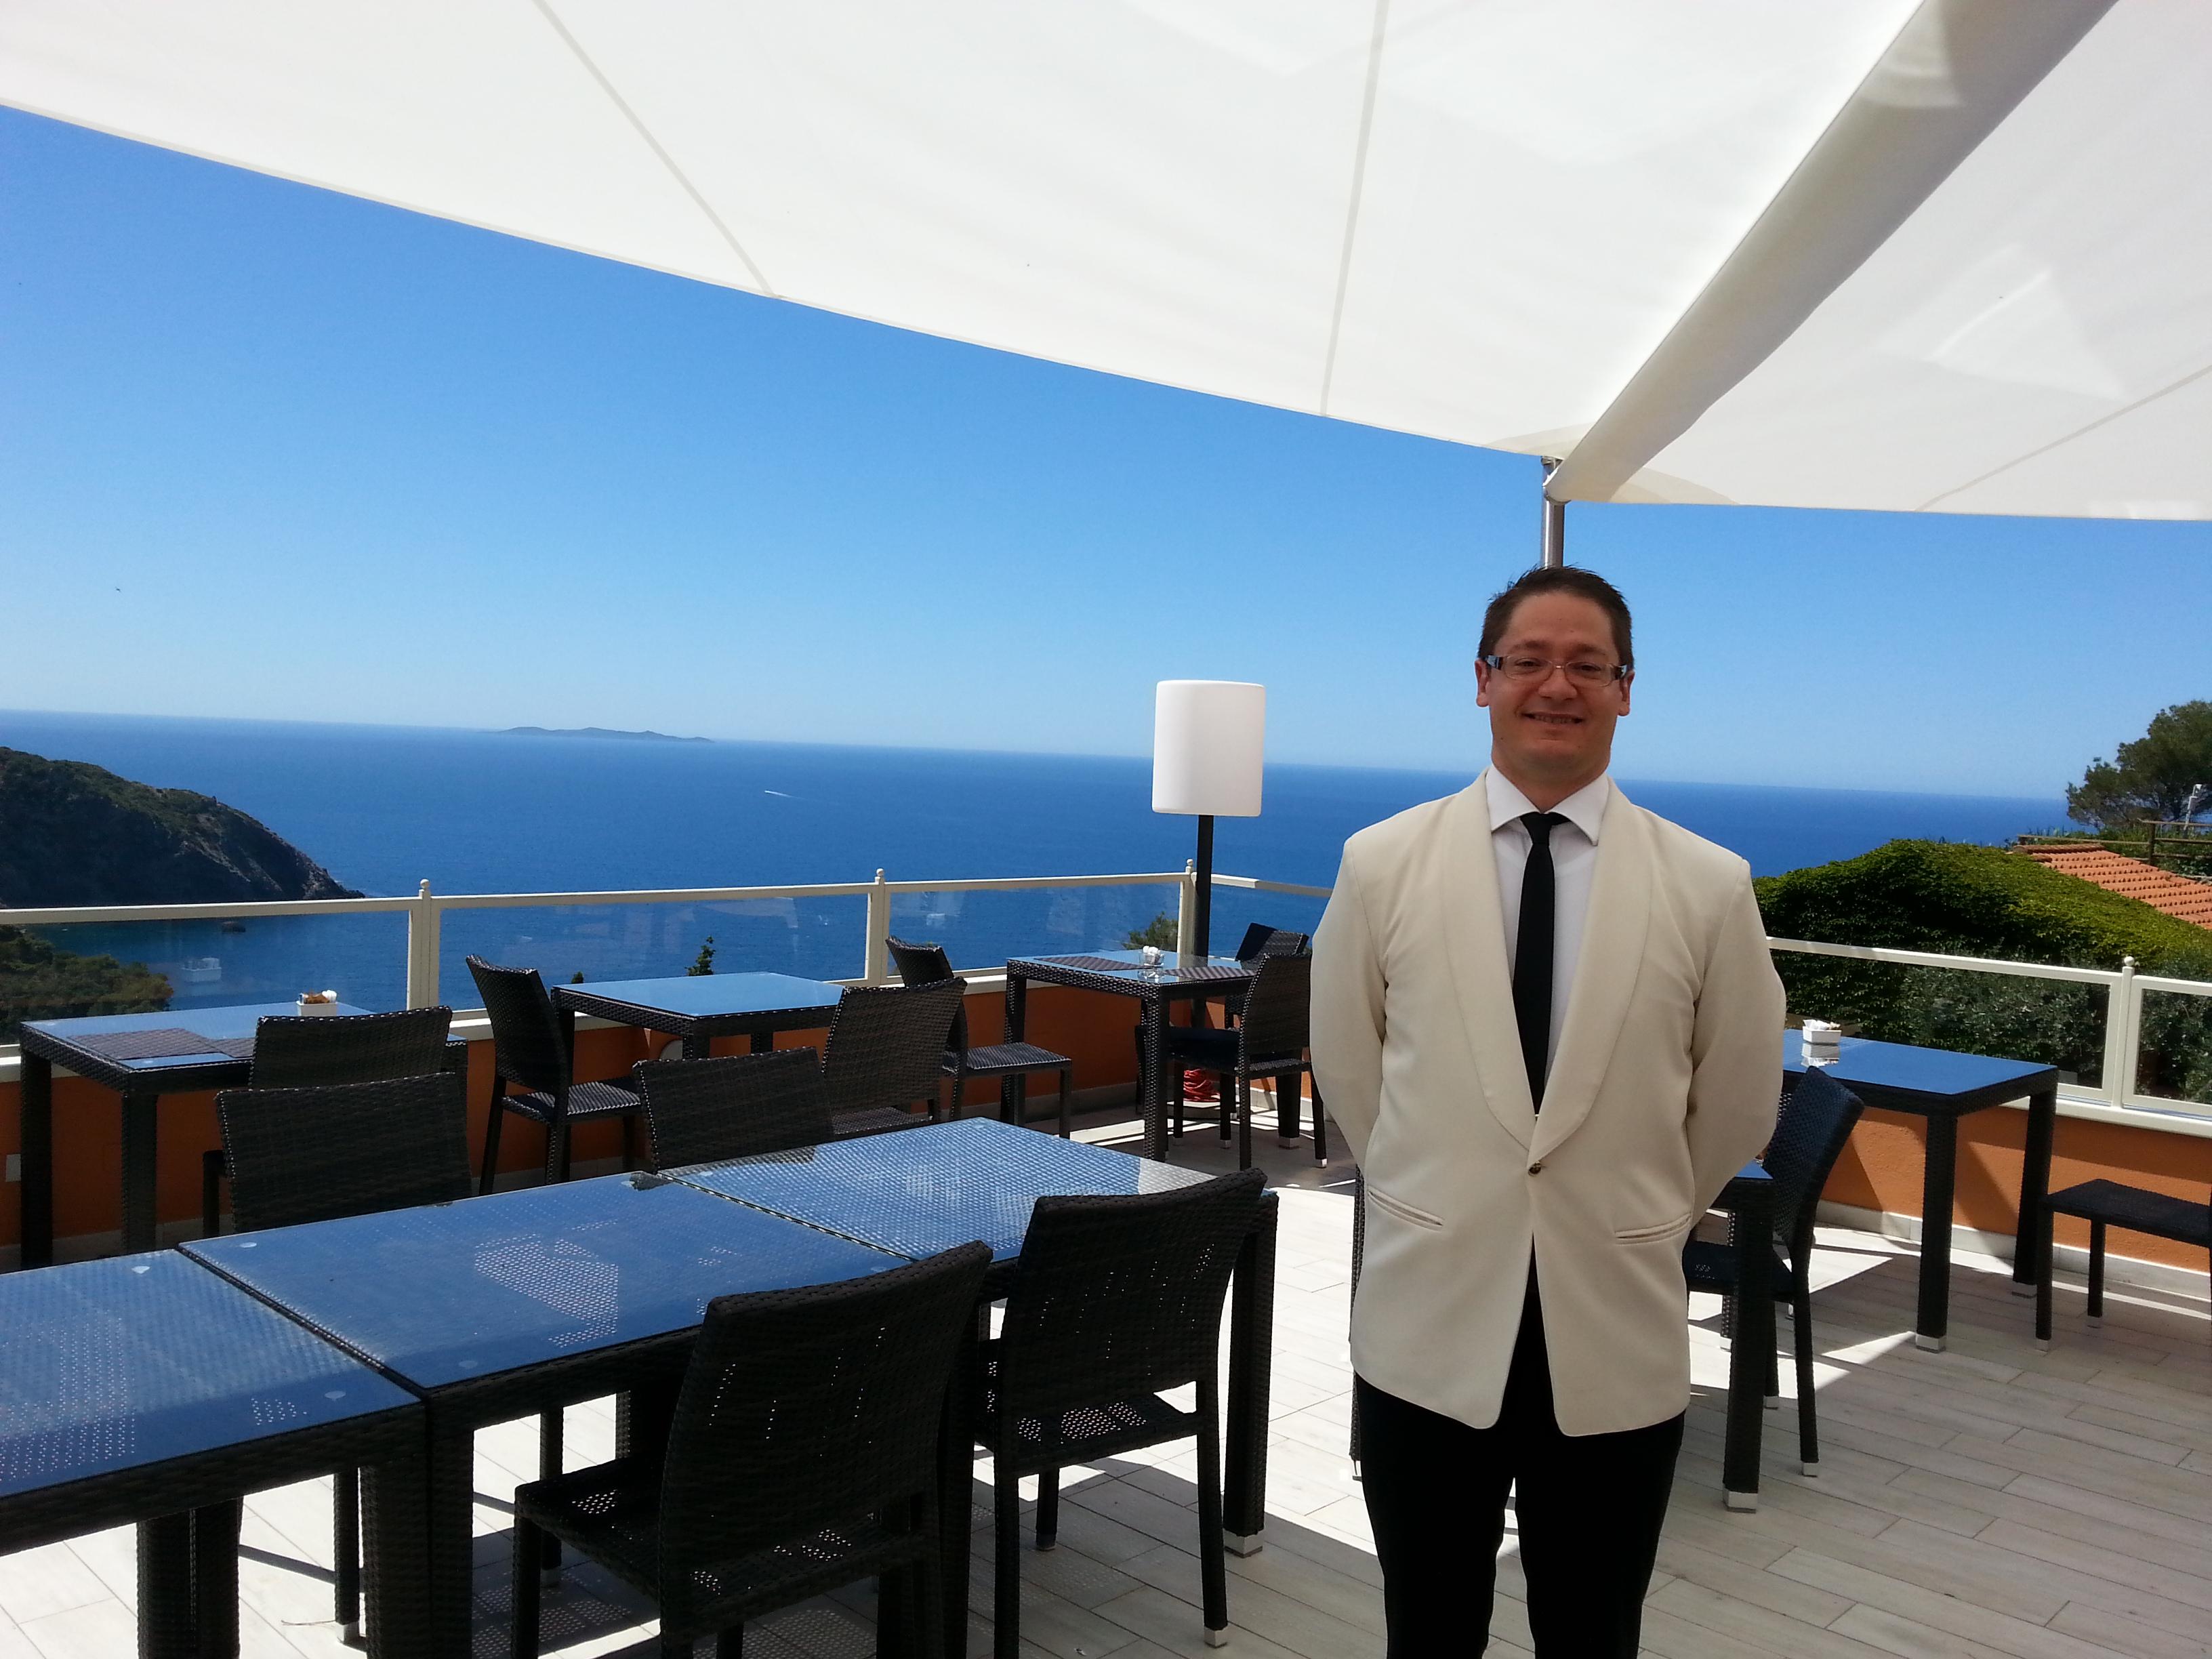 Nada's Italy image 4